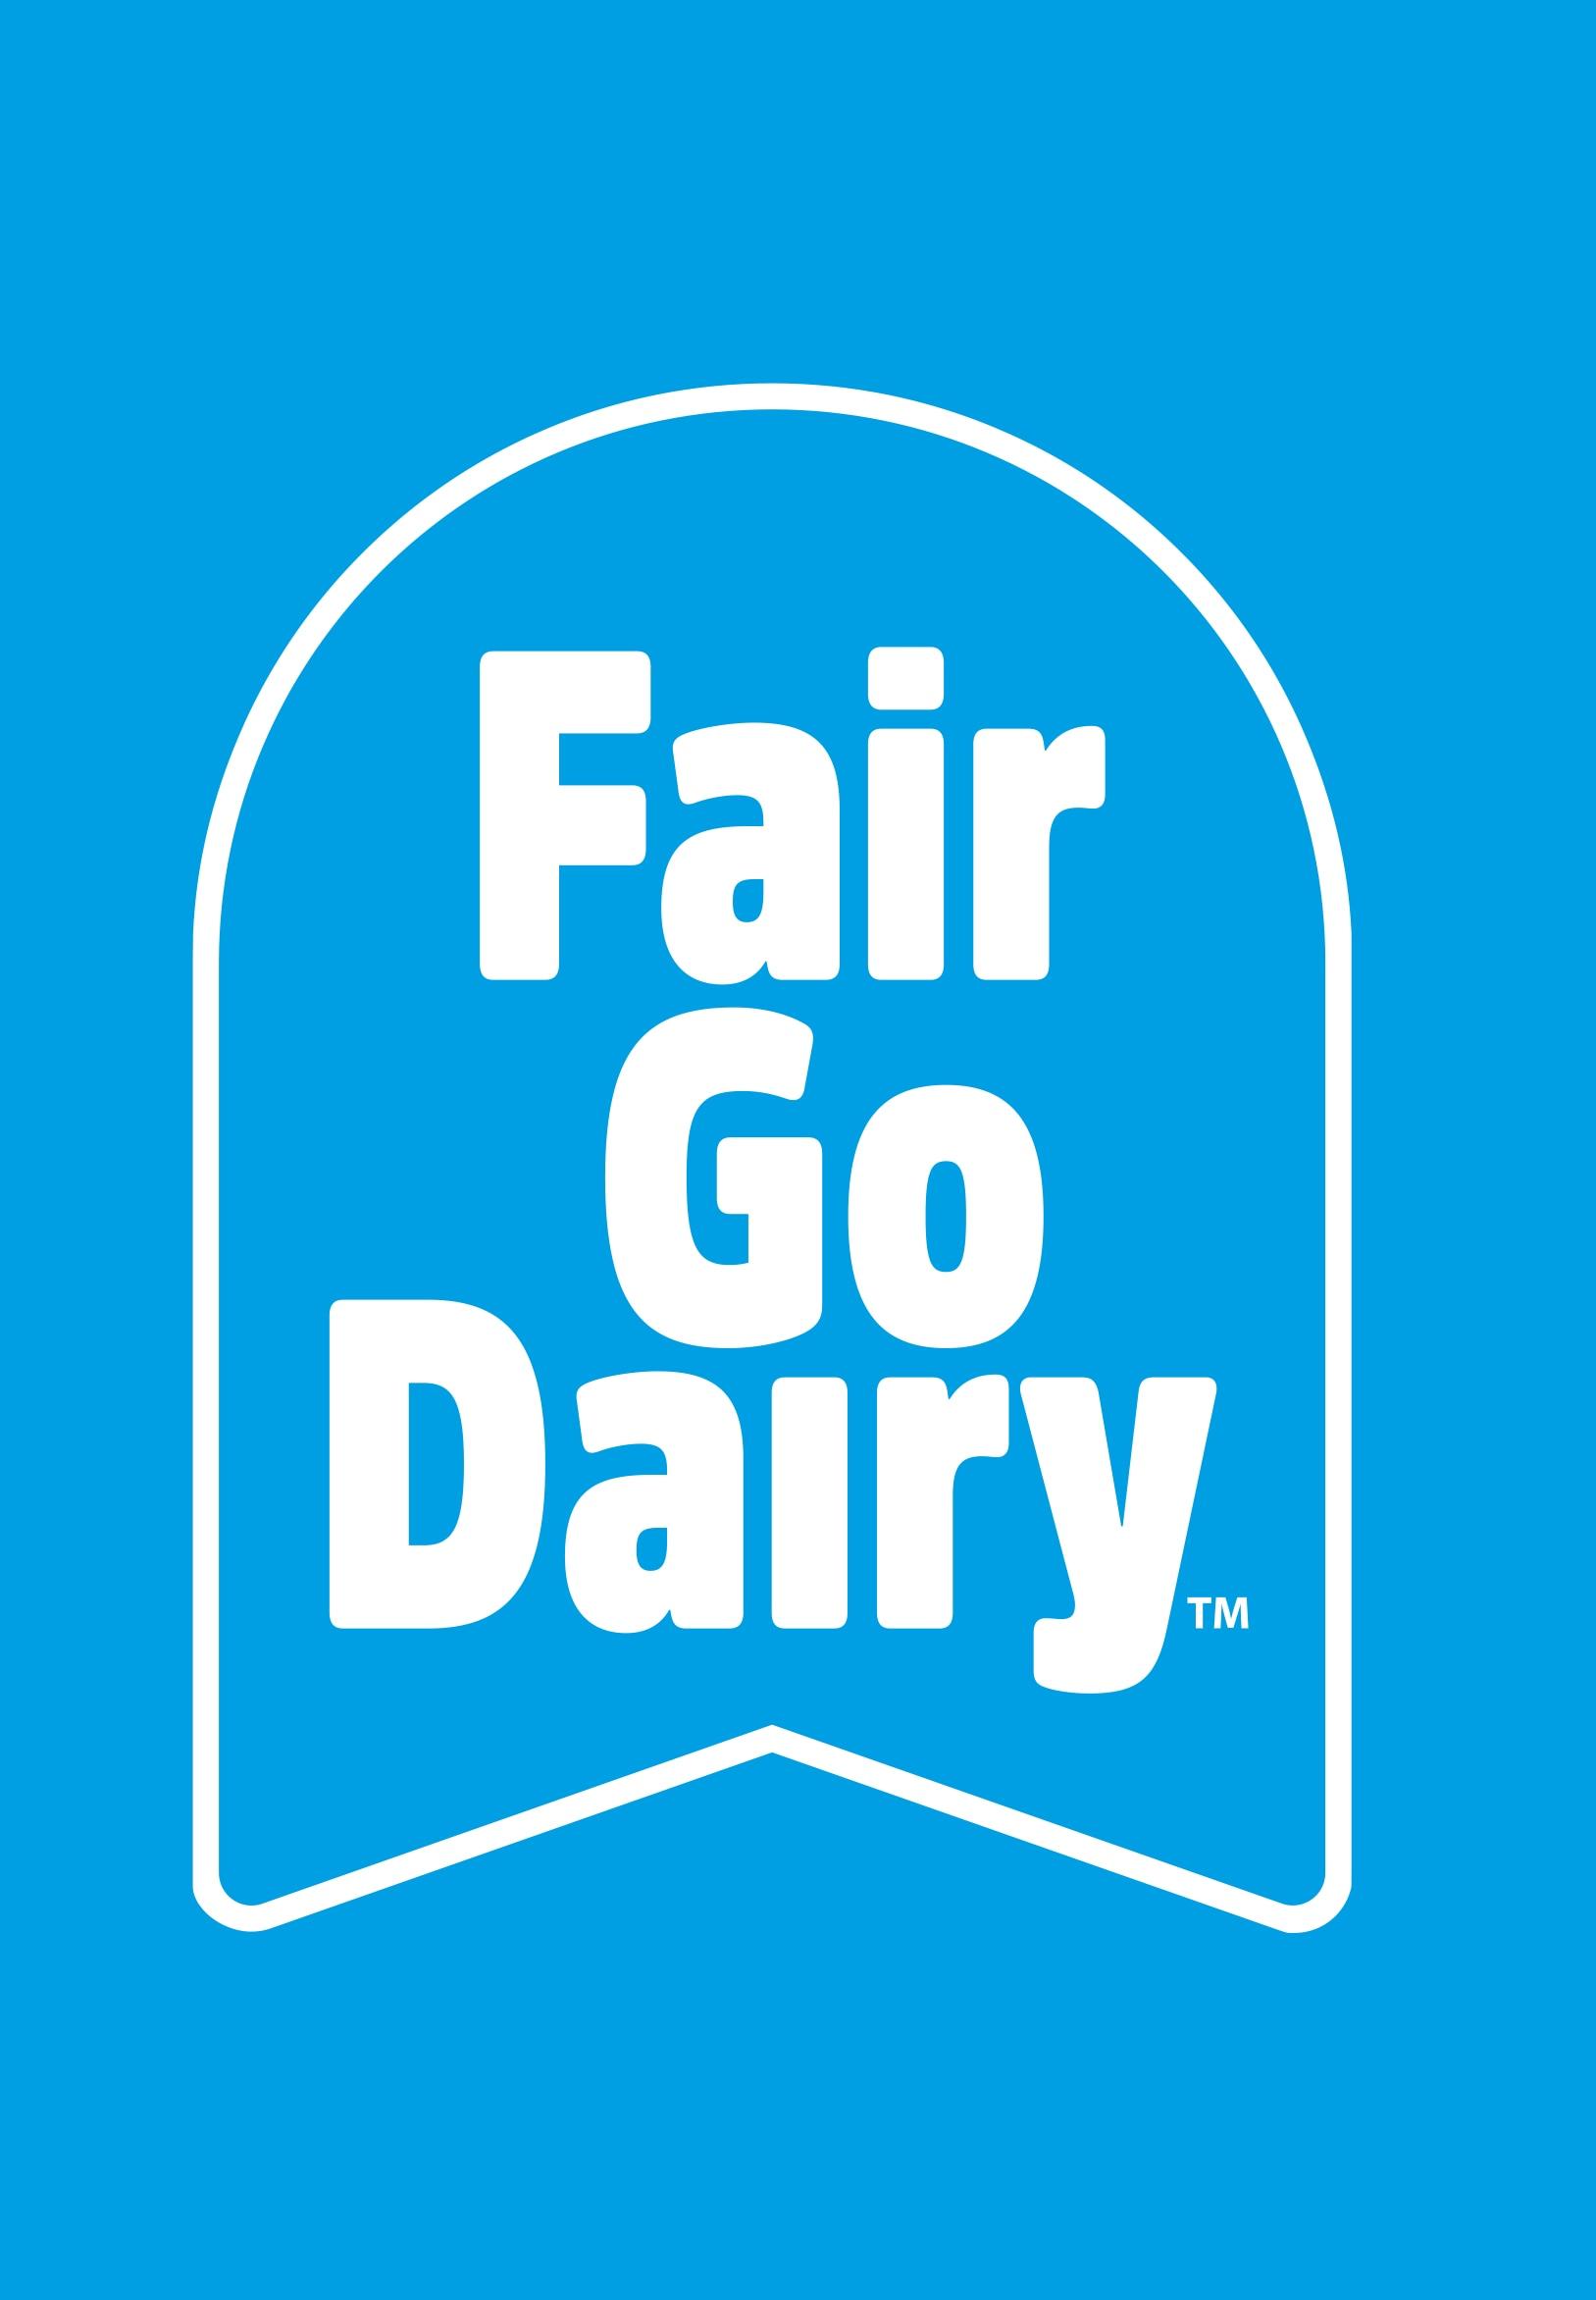 Fair Go Dairy